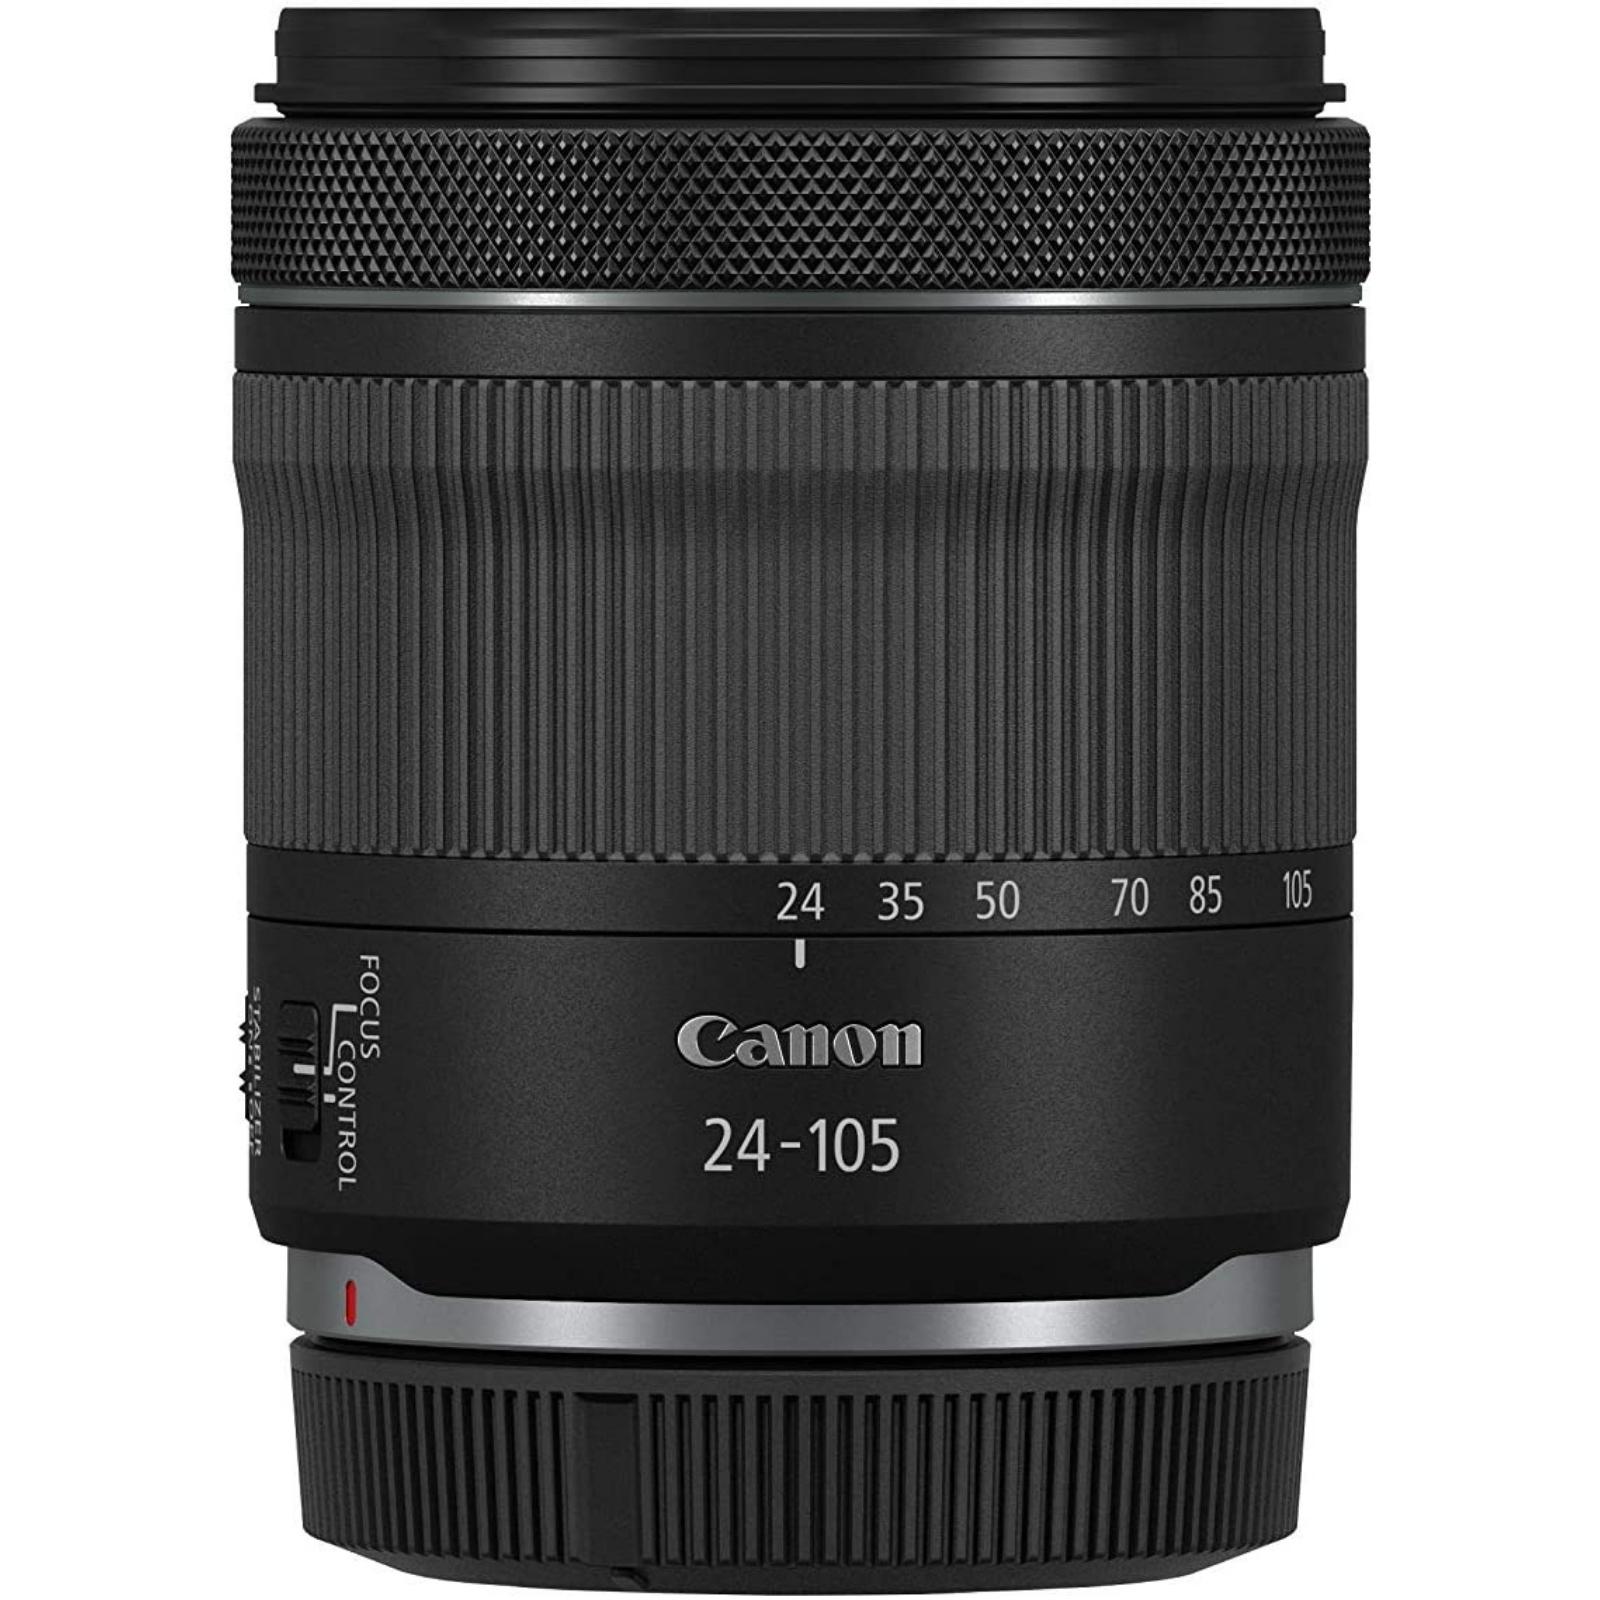 Canon キヤノン 標準ズームレンズ RF24-105mm F4-7.1 IS STM ブラック 新品 (並行輸入品、保証付き、簡易箱)